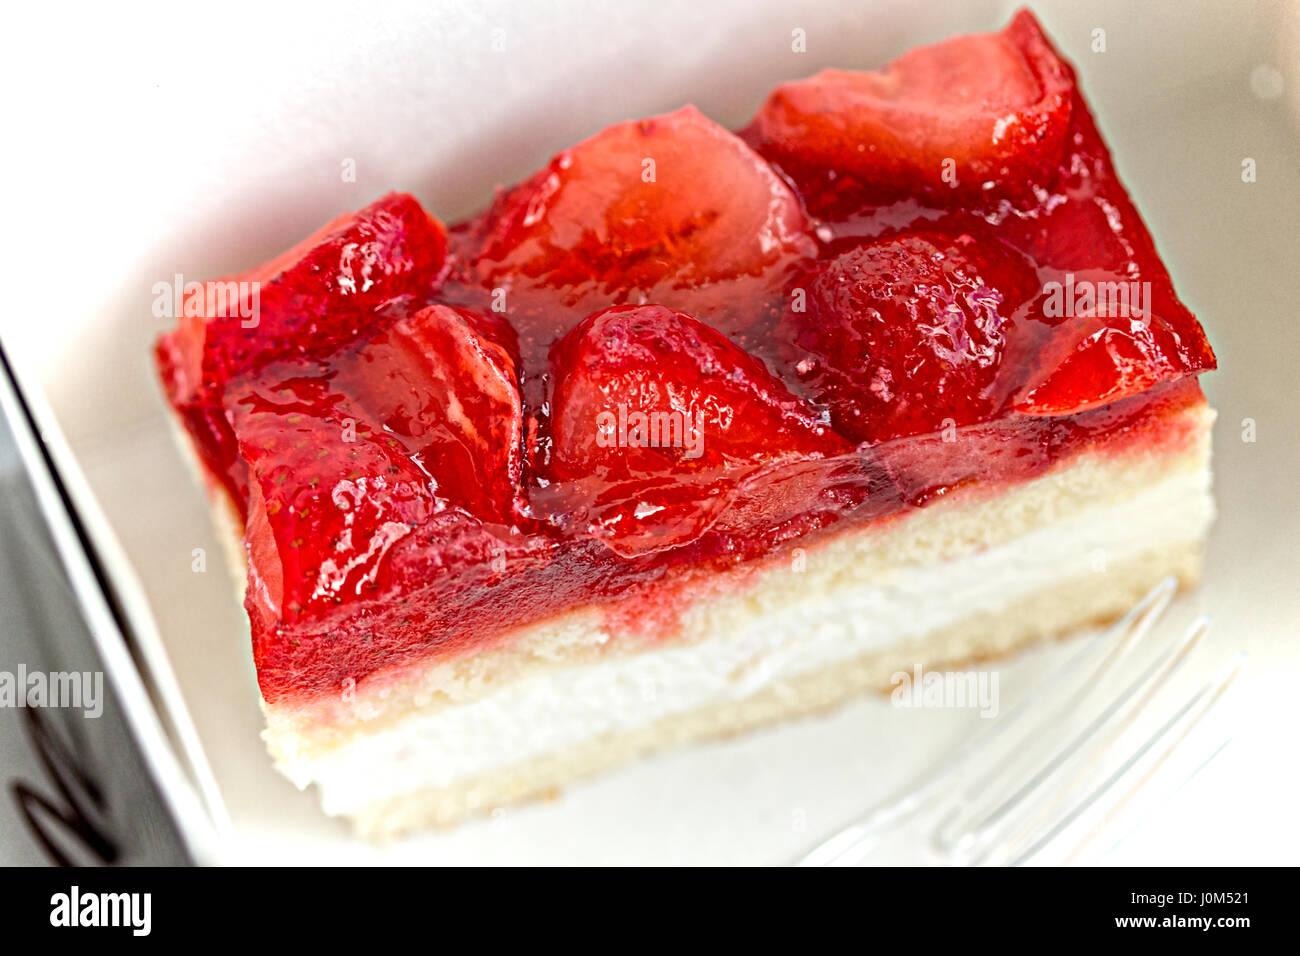 Gâteau à la crème, surmontée de fraises en gelée Photo Stock